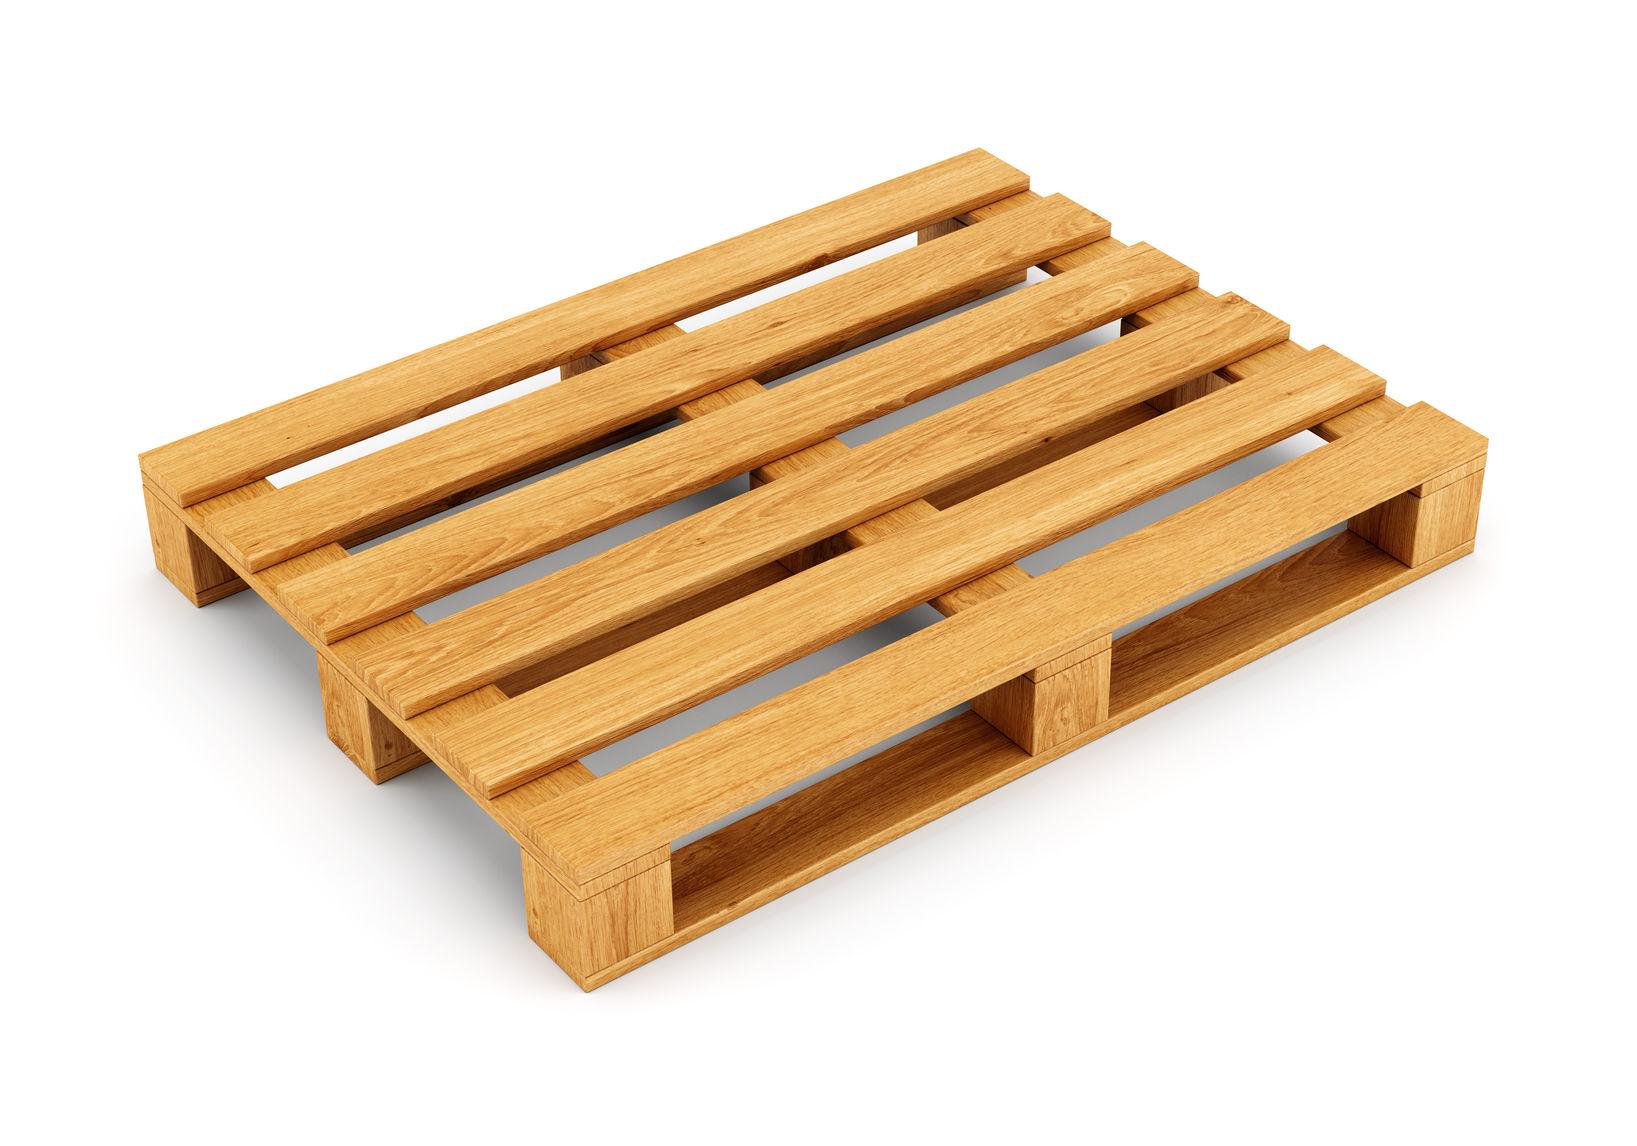 Идея для бизнеса: производство деревянных поддонов